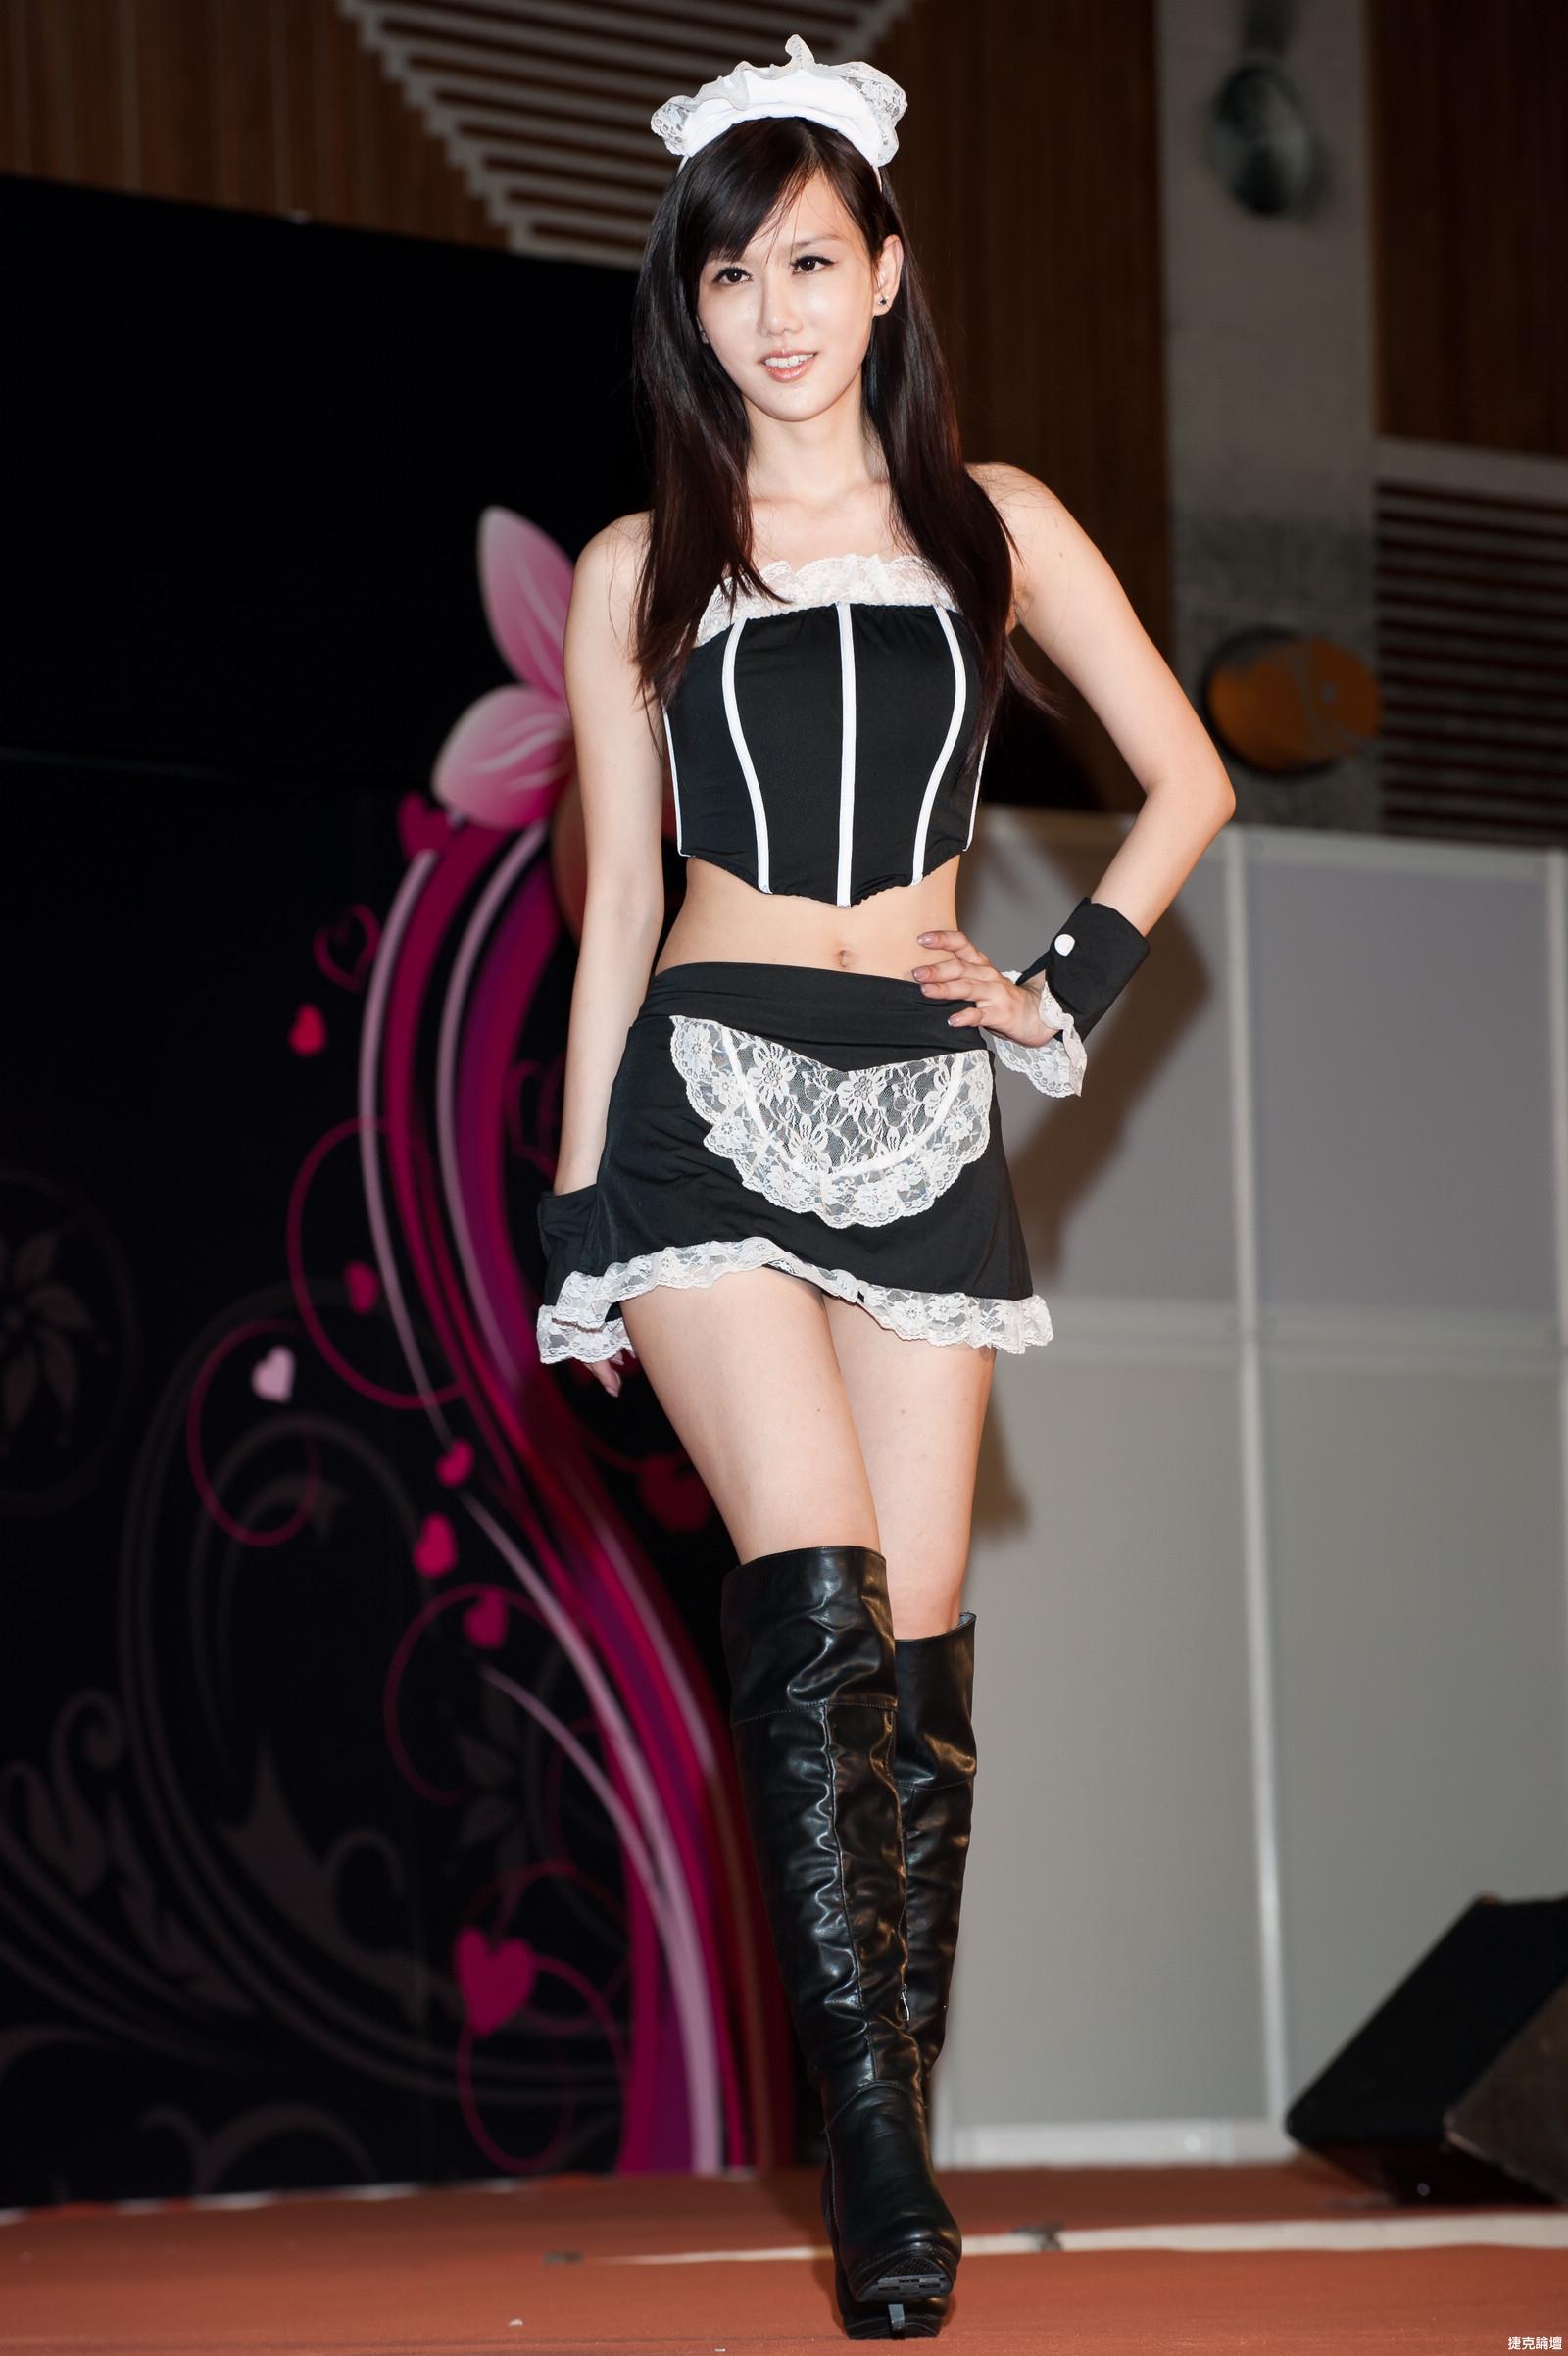 台灣成人博覽會Adult Expo女傭誘惑篇[35P] - 貼圖 - 絲襪美腿 -